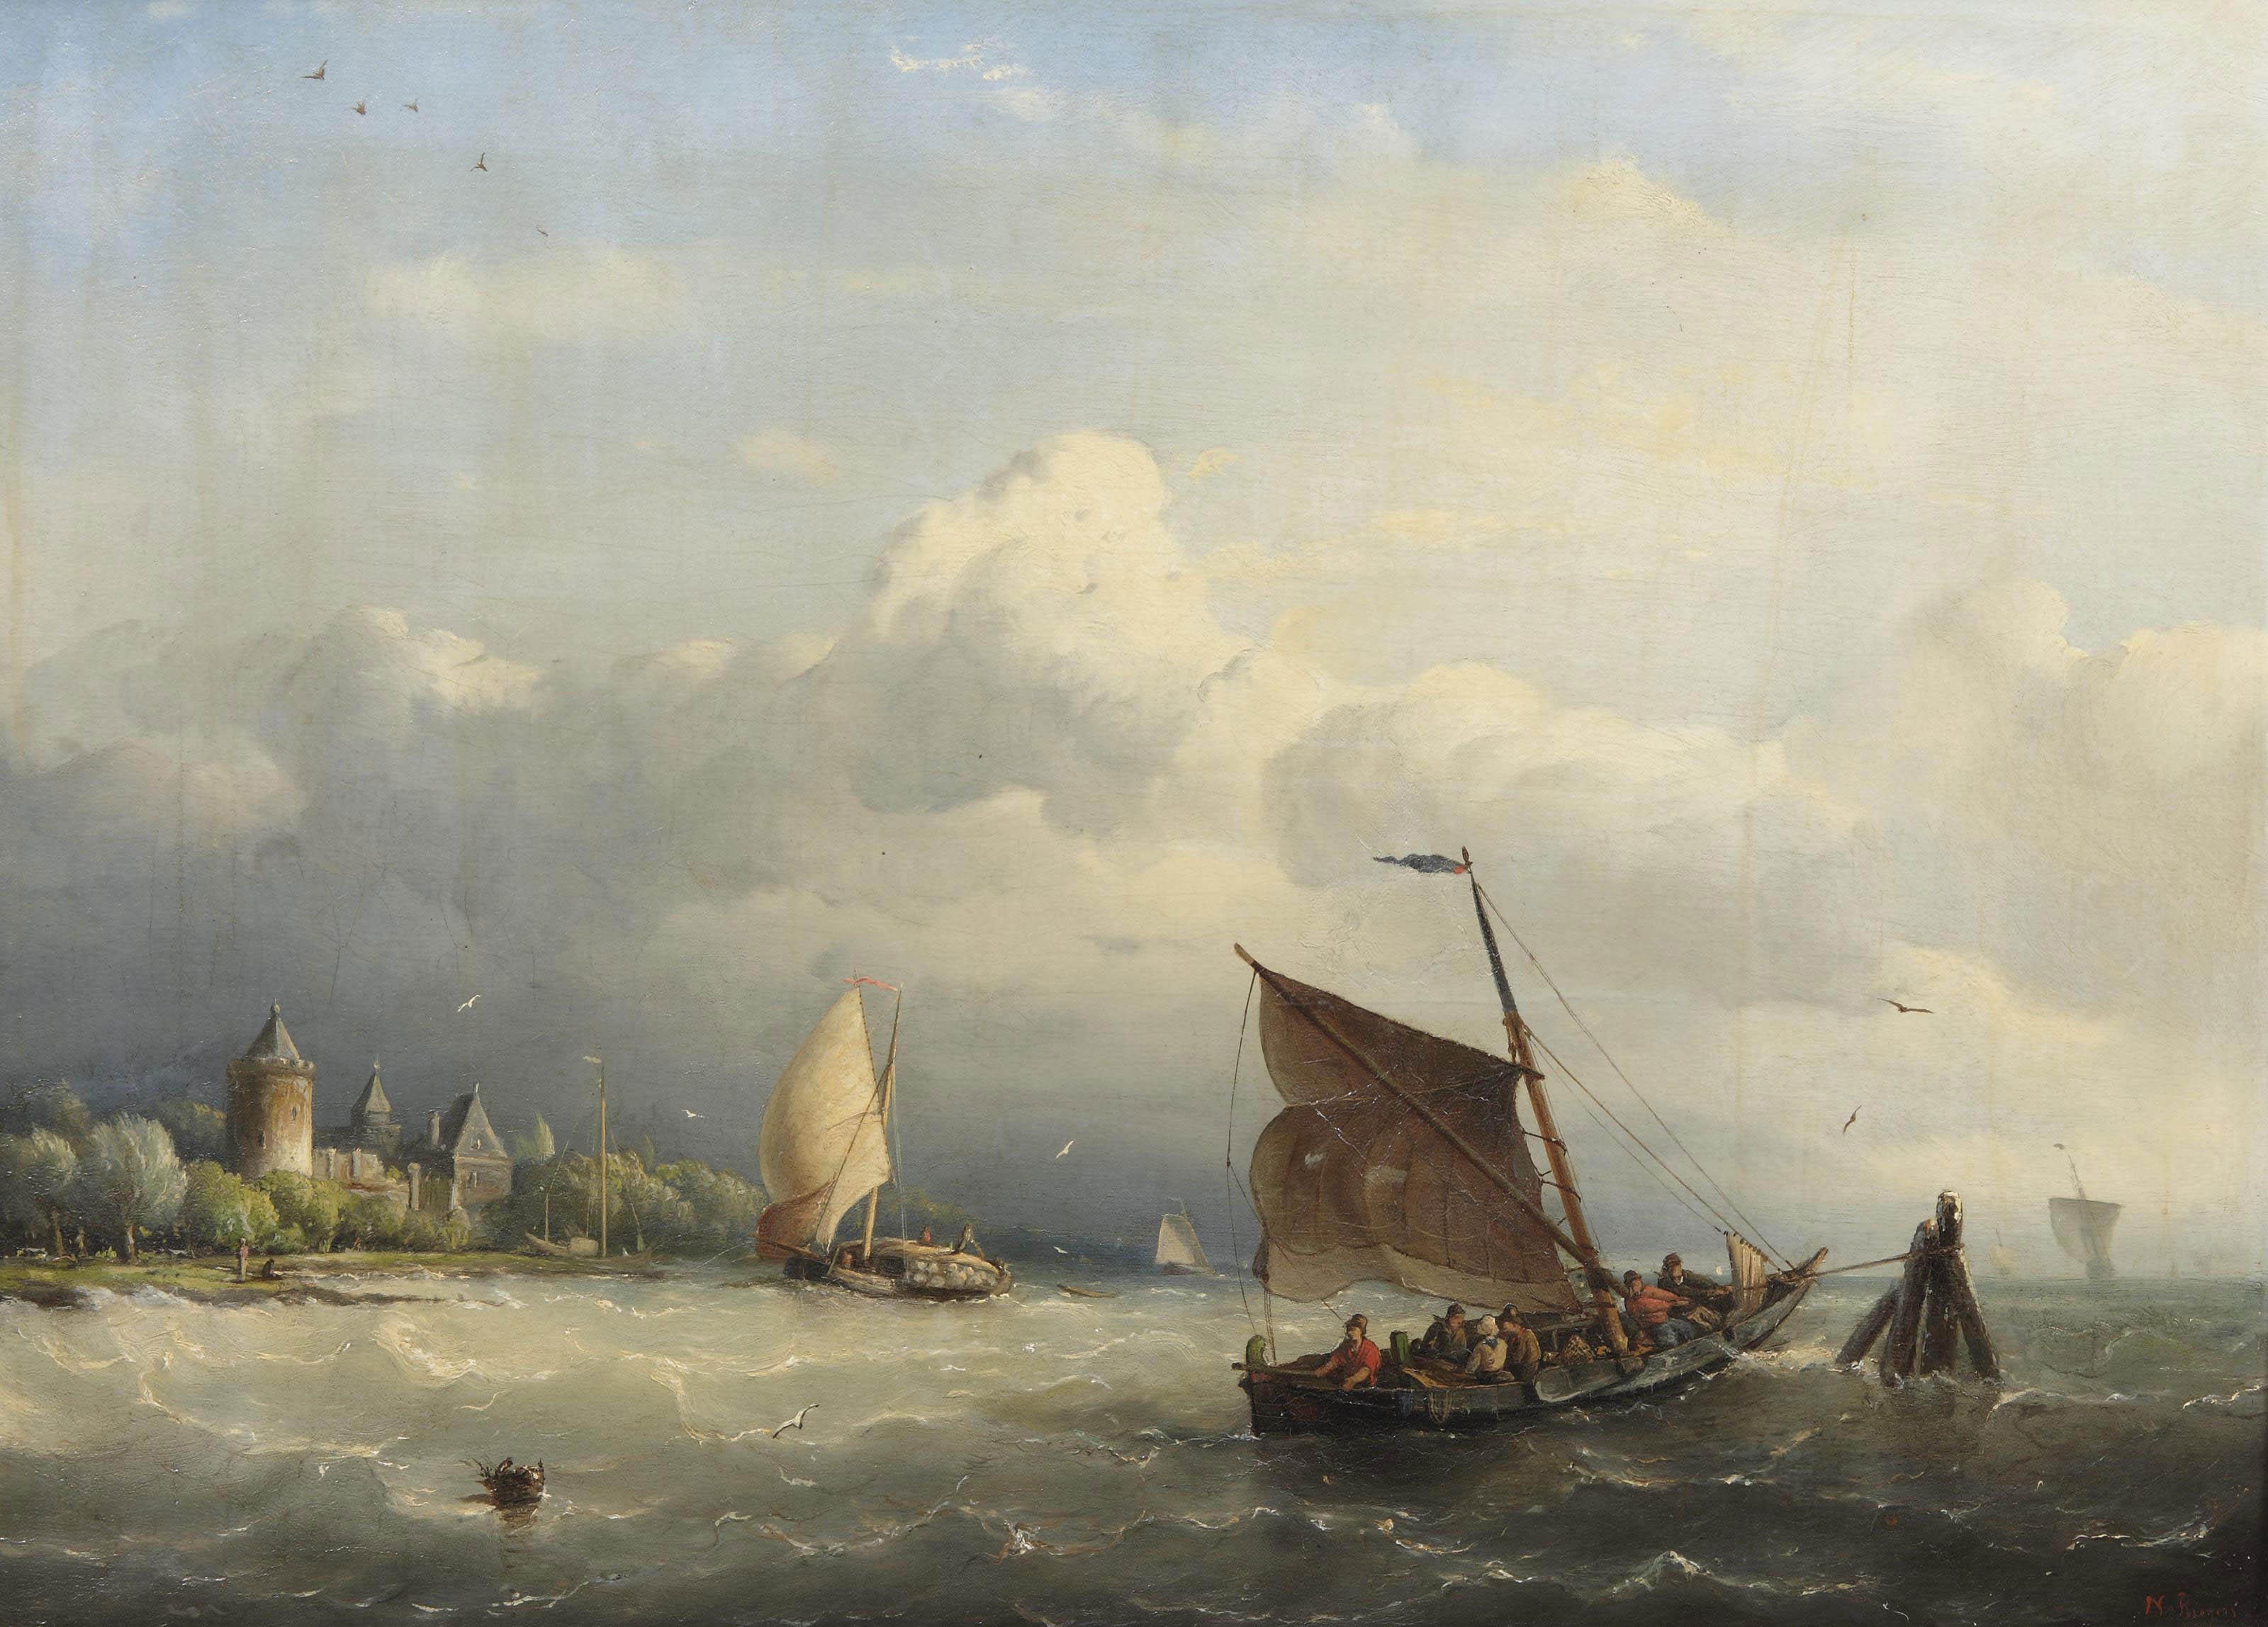 A fishing boat mooring in choppy waters, a castle nearby